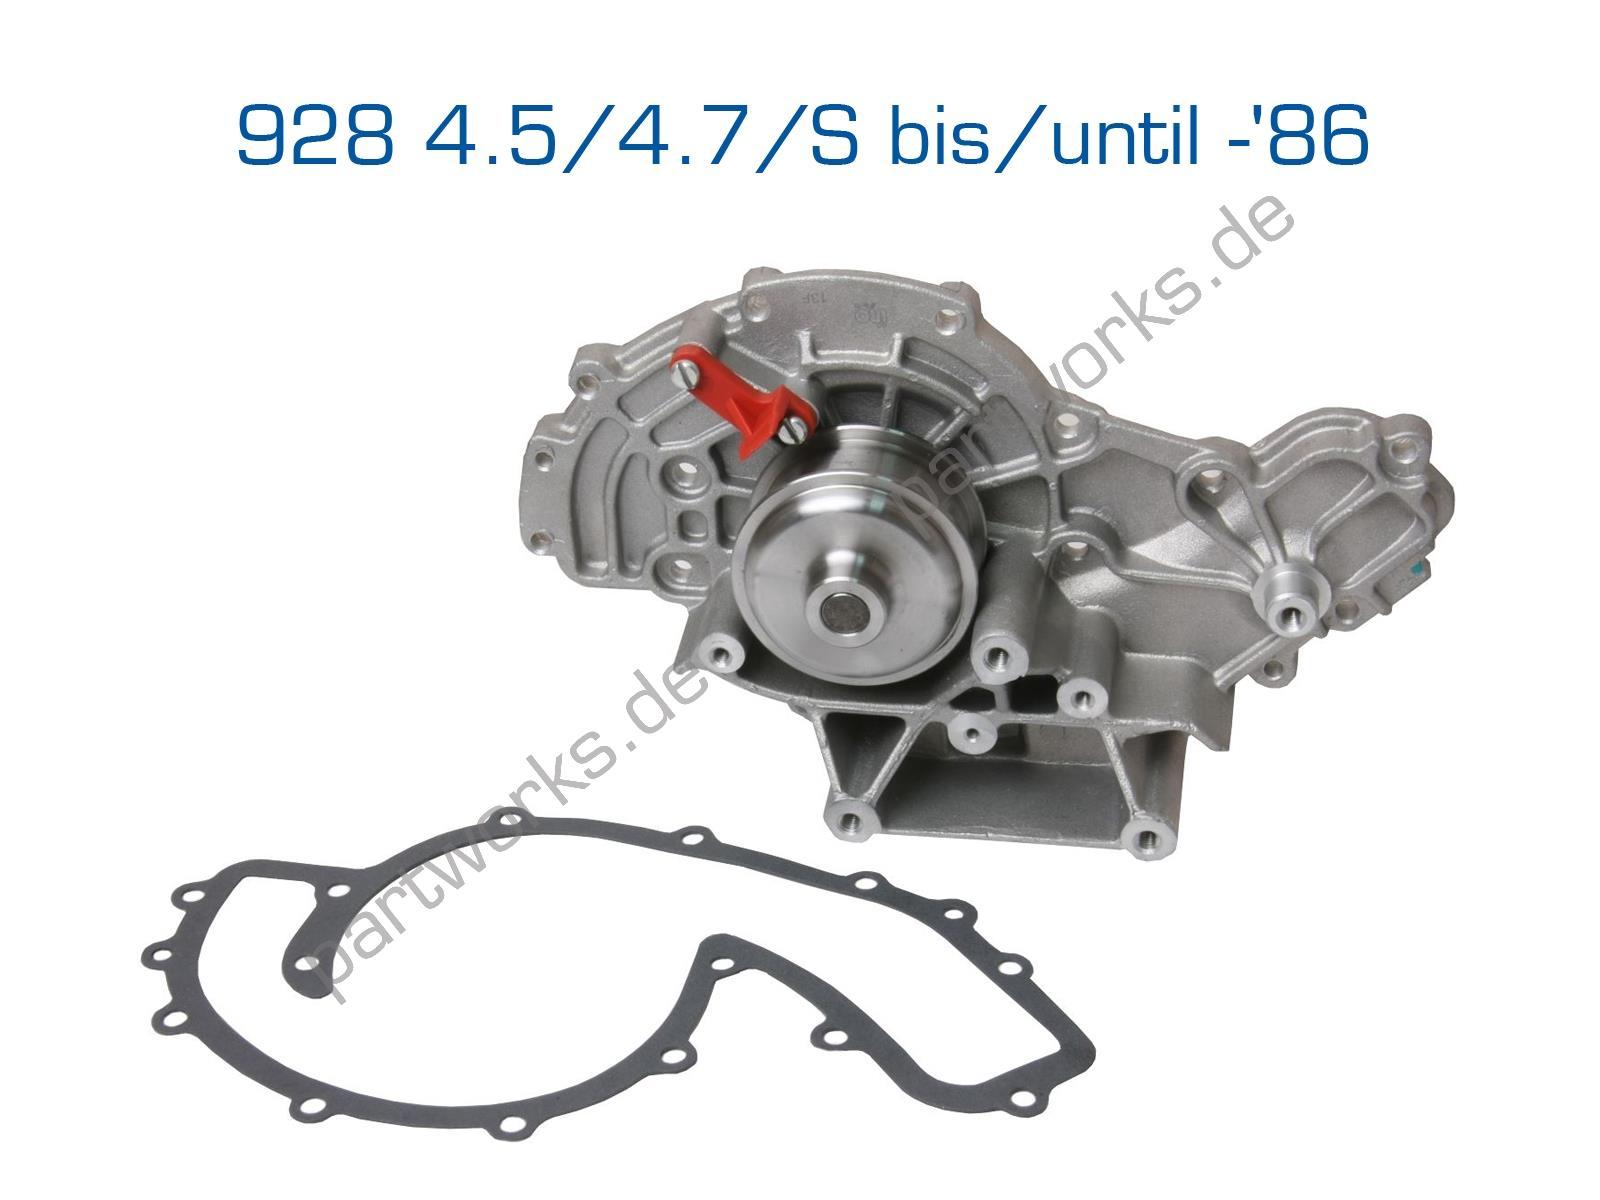 ÜRO Wasserpumpe für Porsche 928 4.5/4.7/S bis -'86 + Dichtung